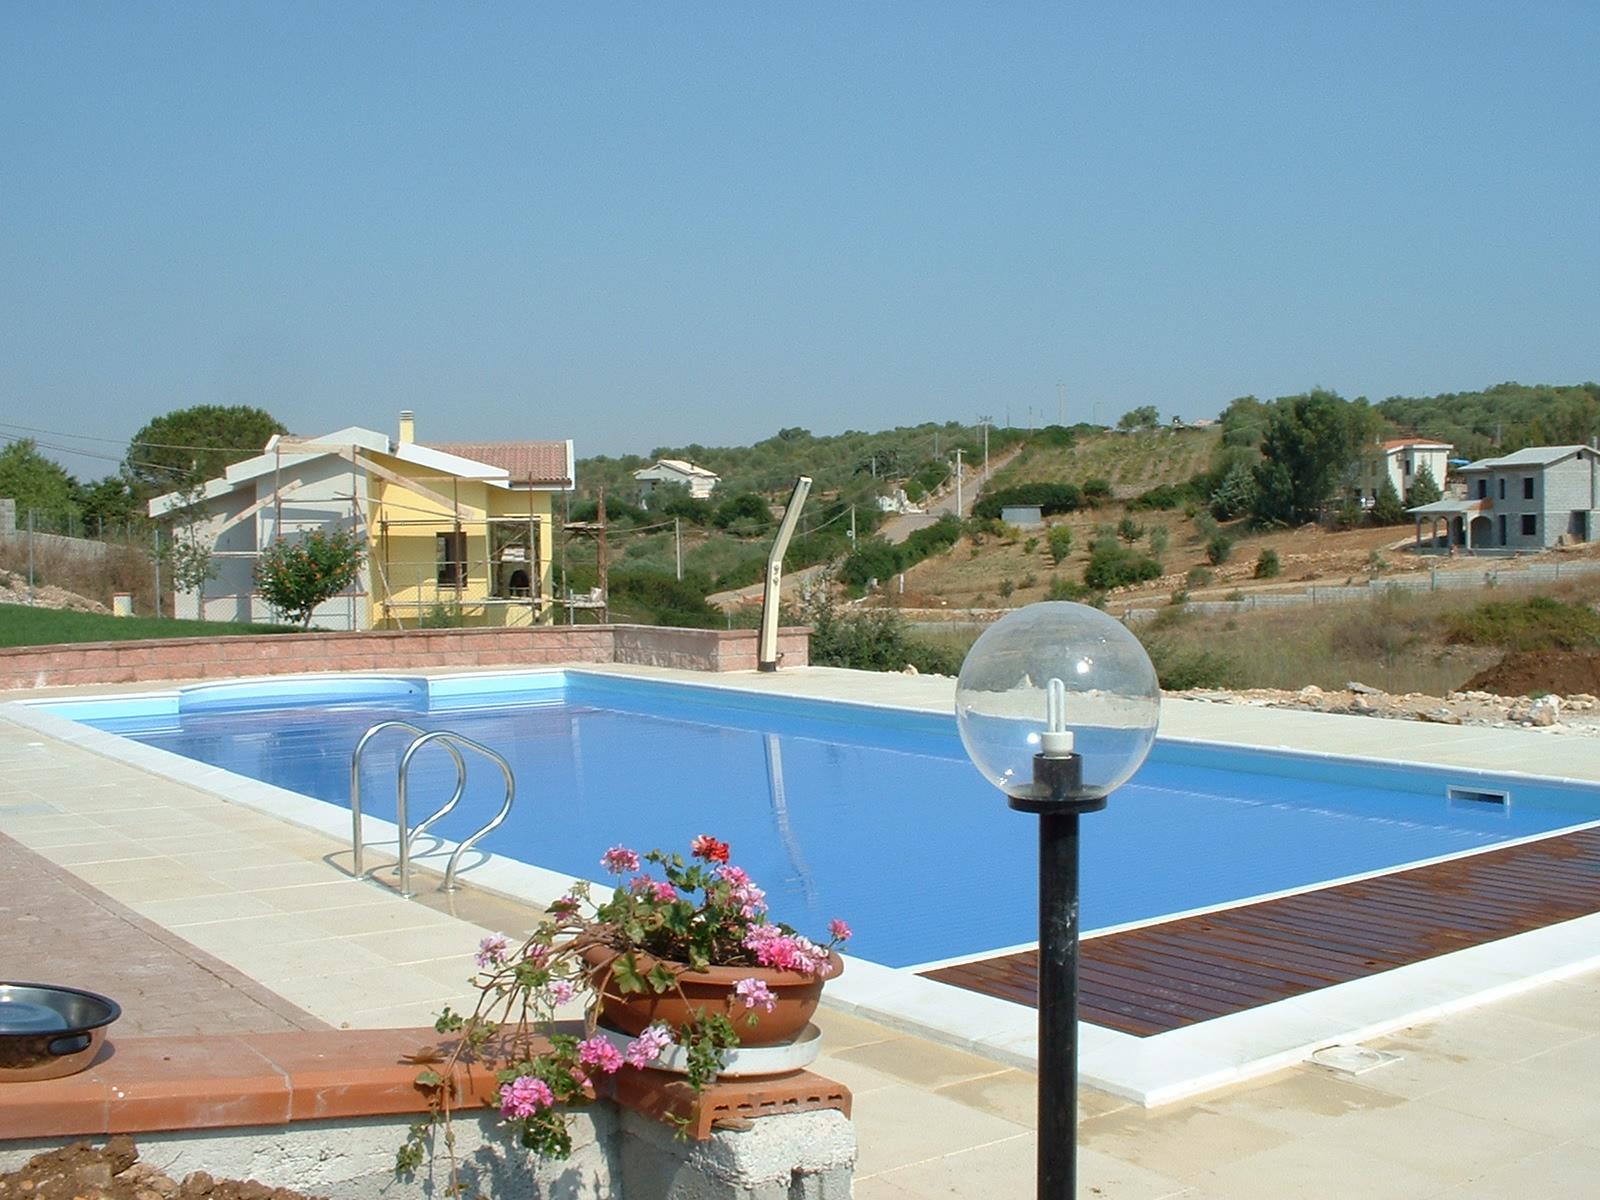 Quanto costa una piscina stunning quanto costa una - Piscine interrate prezzi chiavi in mano ...